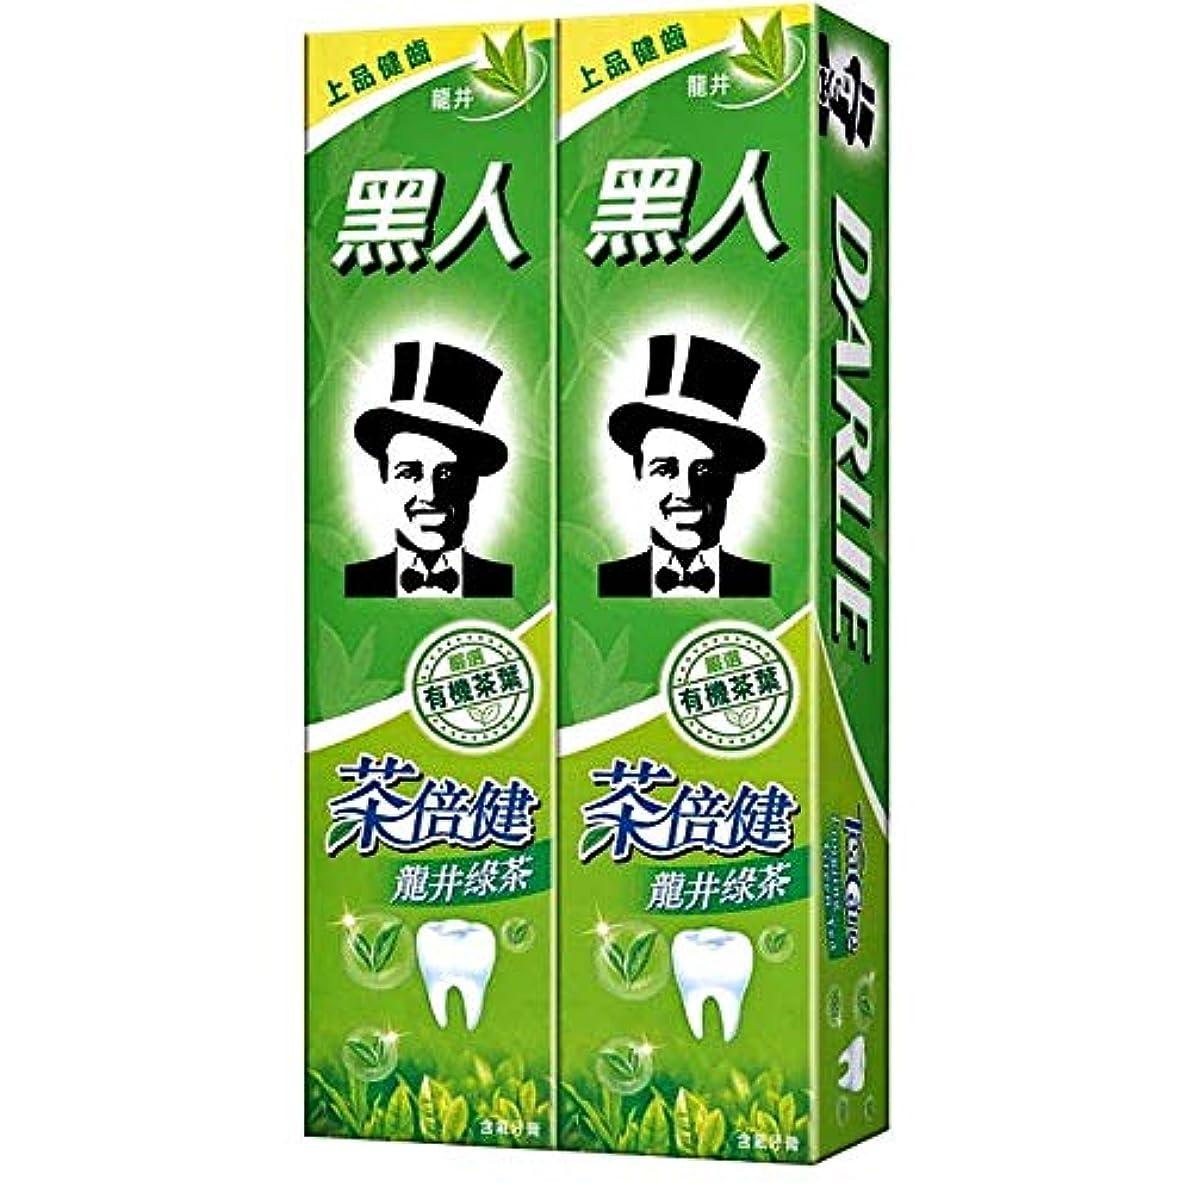 骨髄じゃないディレクター黑人 茶倍健 龍井緑茶 緑茶成分歯磨き粉配合160g×2 [並行輸入品]